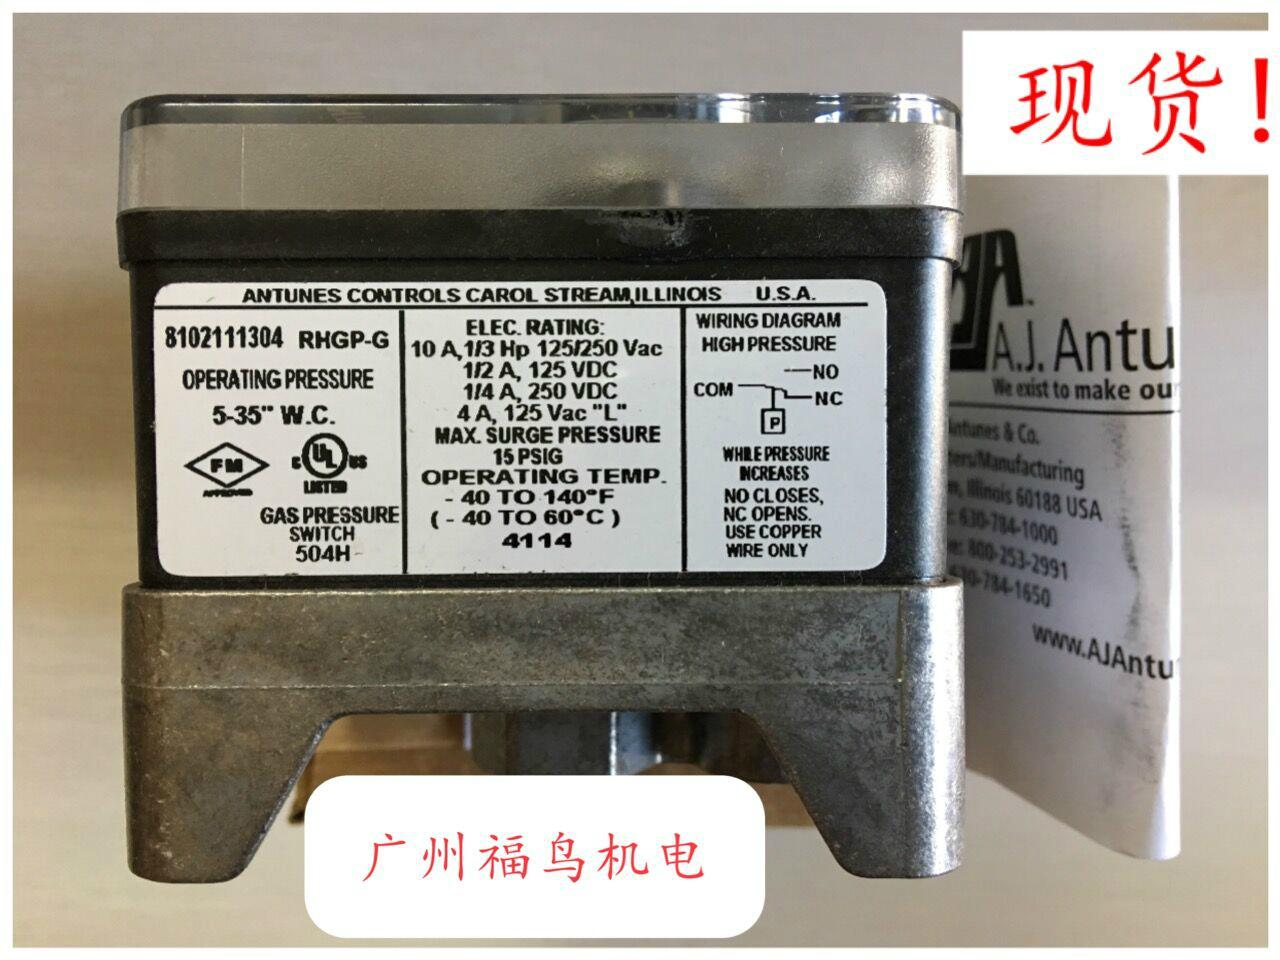 ANTUNES CONTROLS壓力開關, 型號: RHGP-G